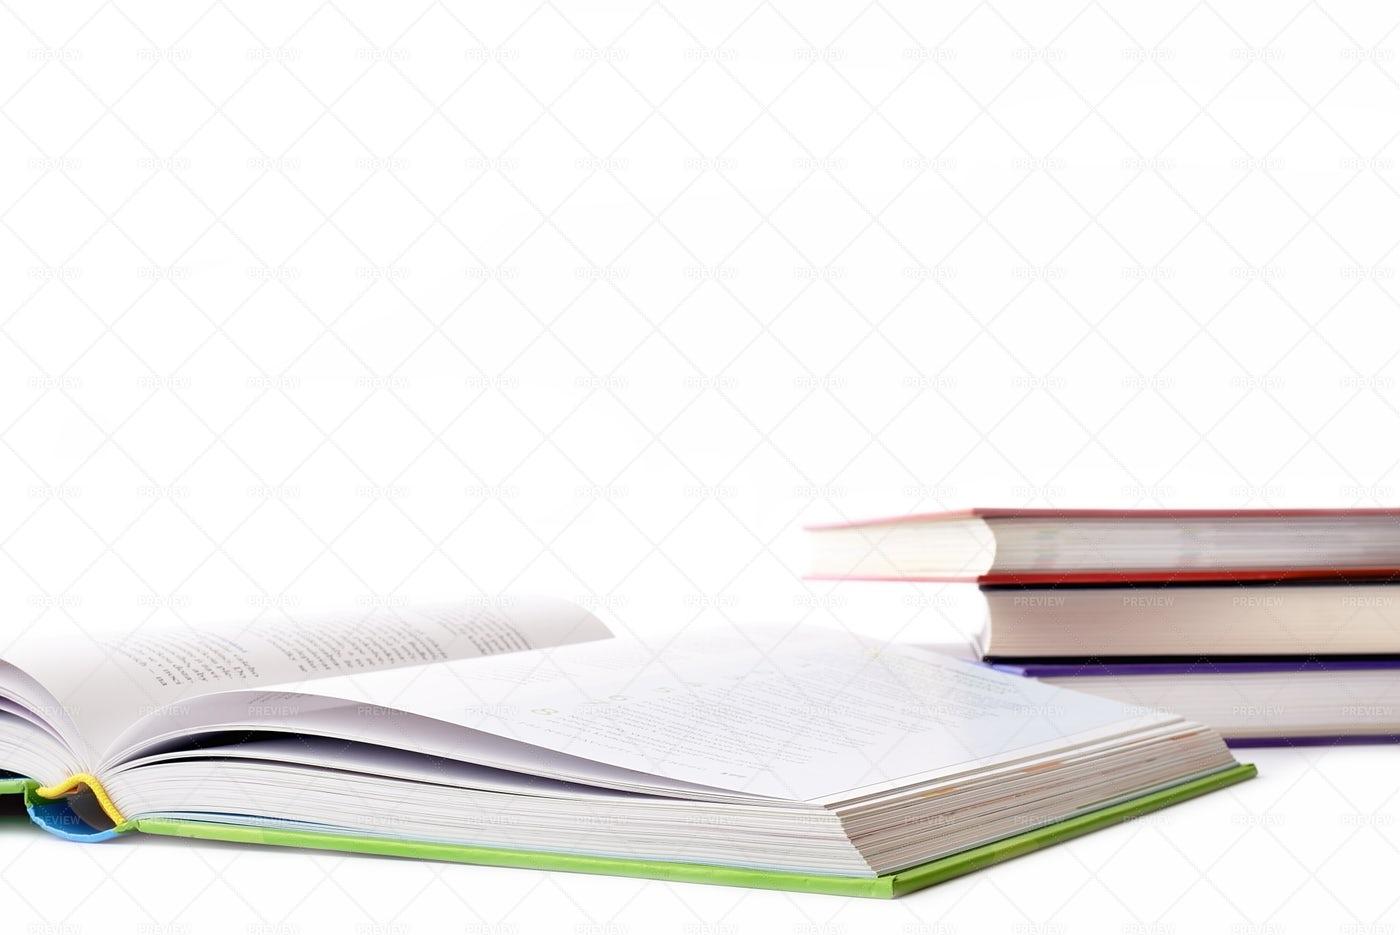 Bundle Of Books: Stock Photos